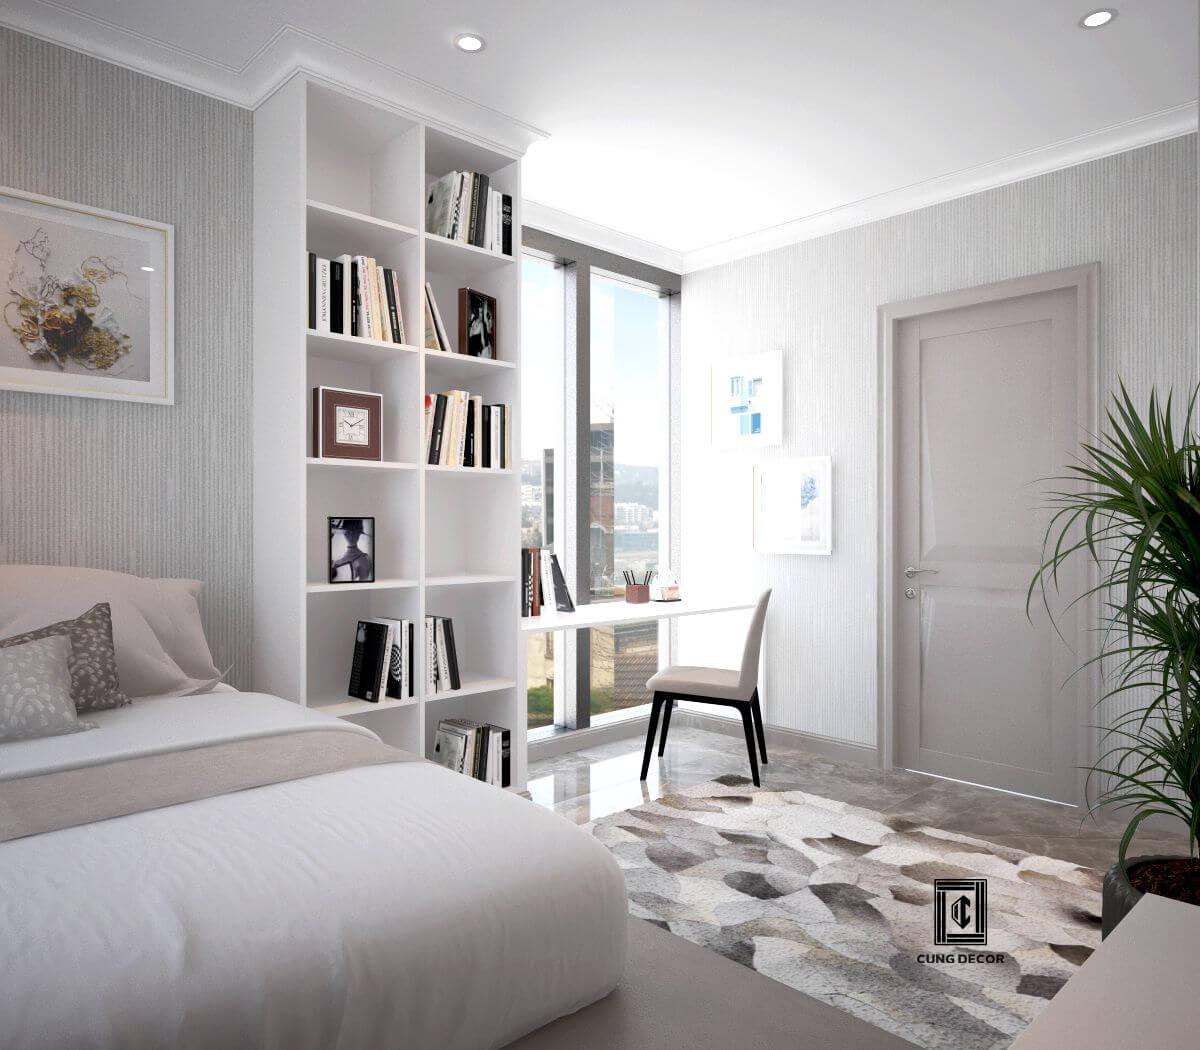 thiết kế phòng ngủ cho chung cư